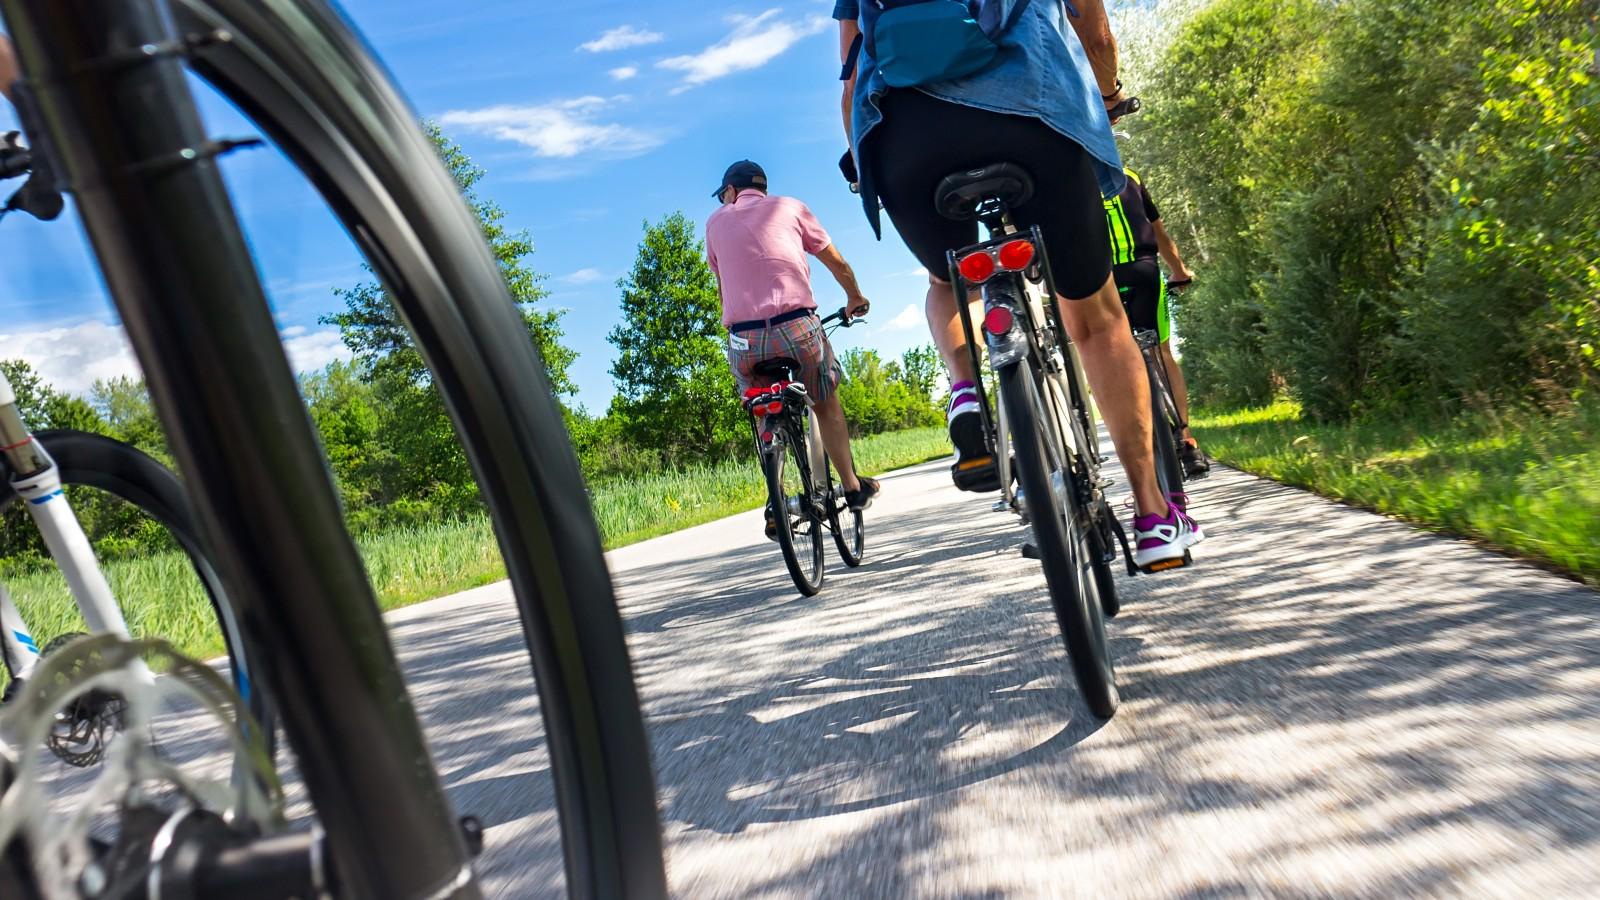 Gooise burgemeesters overwegen maatregelen tegen zwermen fietsers en motoren